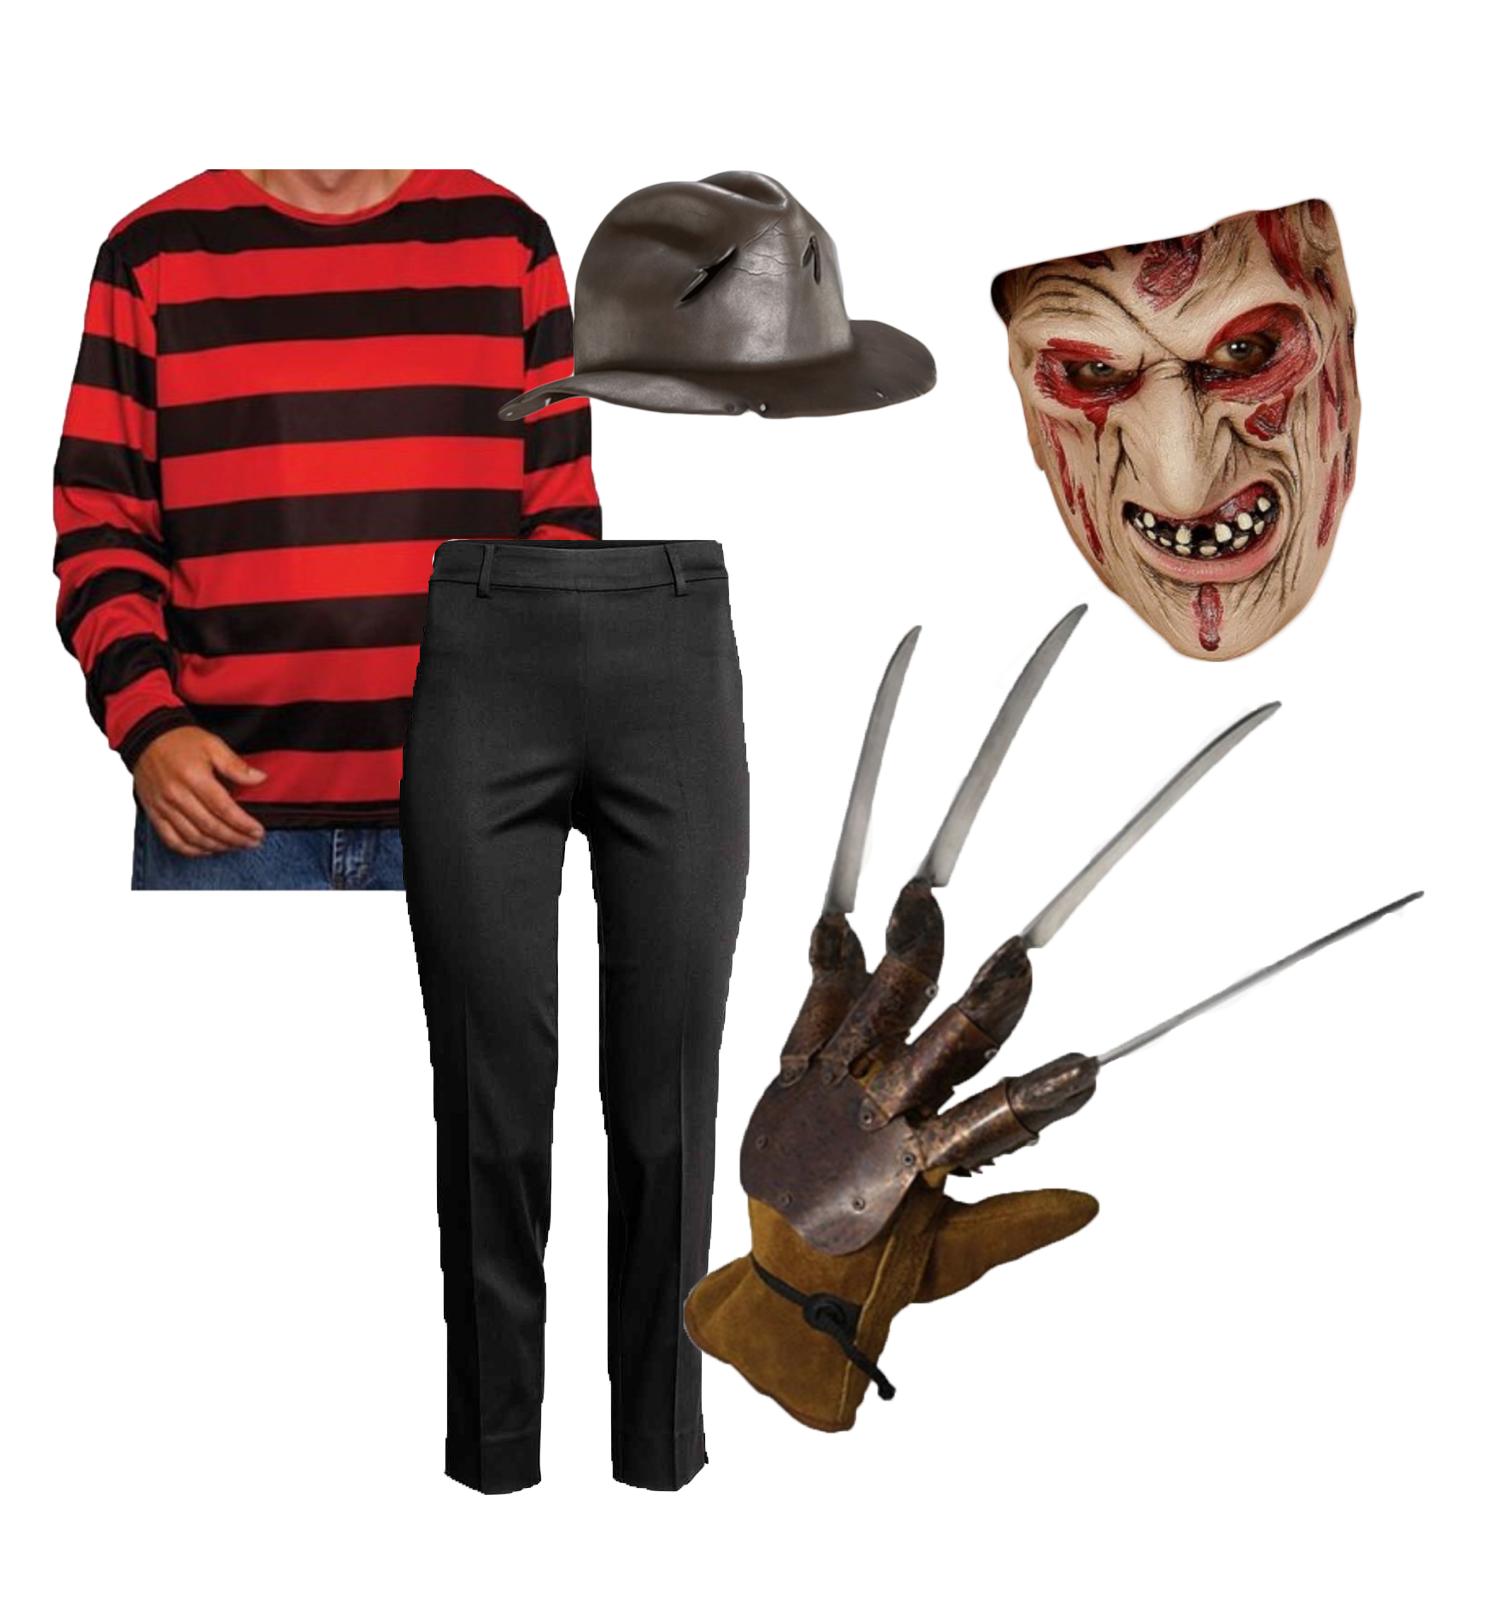 udklædning, klæd ud, skræmmende, creepy, kostume, halloween, halloweenkostume, skræmmende